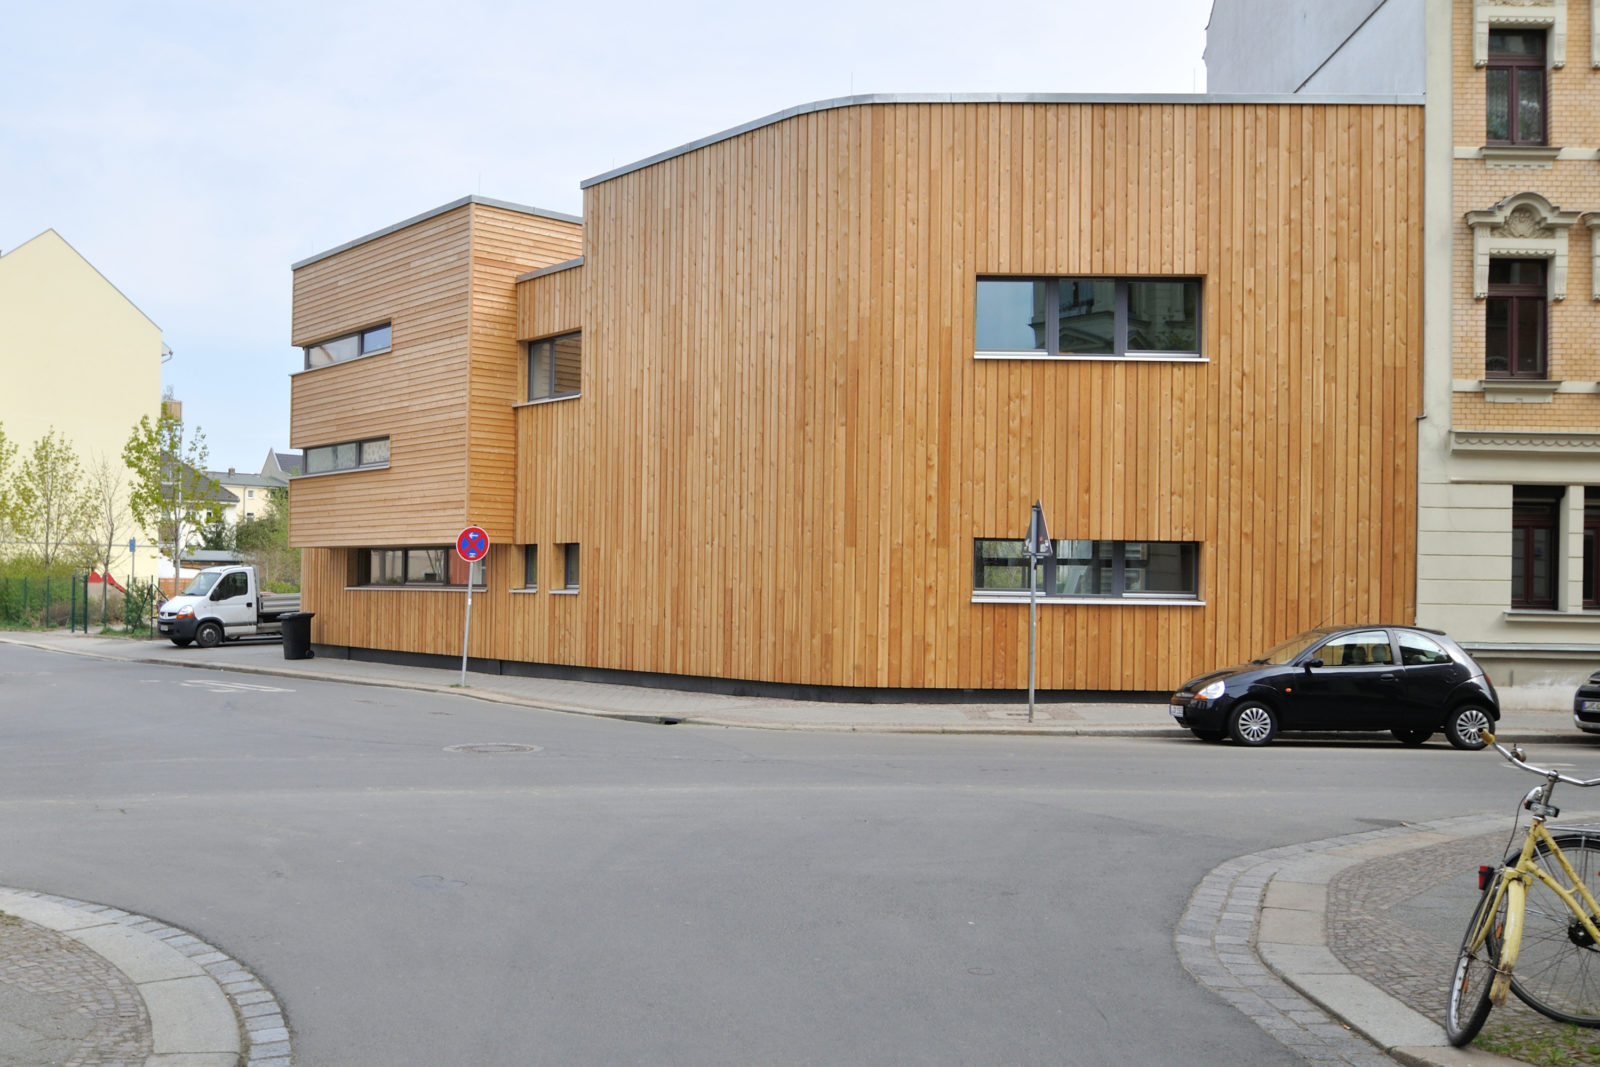 """Neubau Kita """"Treffpunkt Linde"""", Haus Ahorn, Leipzig-Plagwitz -Ansicht Straßenseite"""